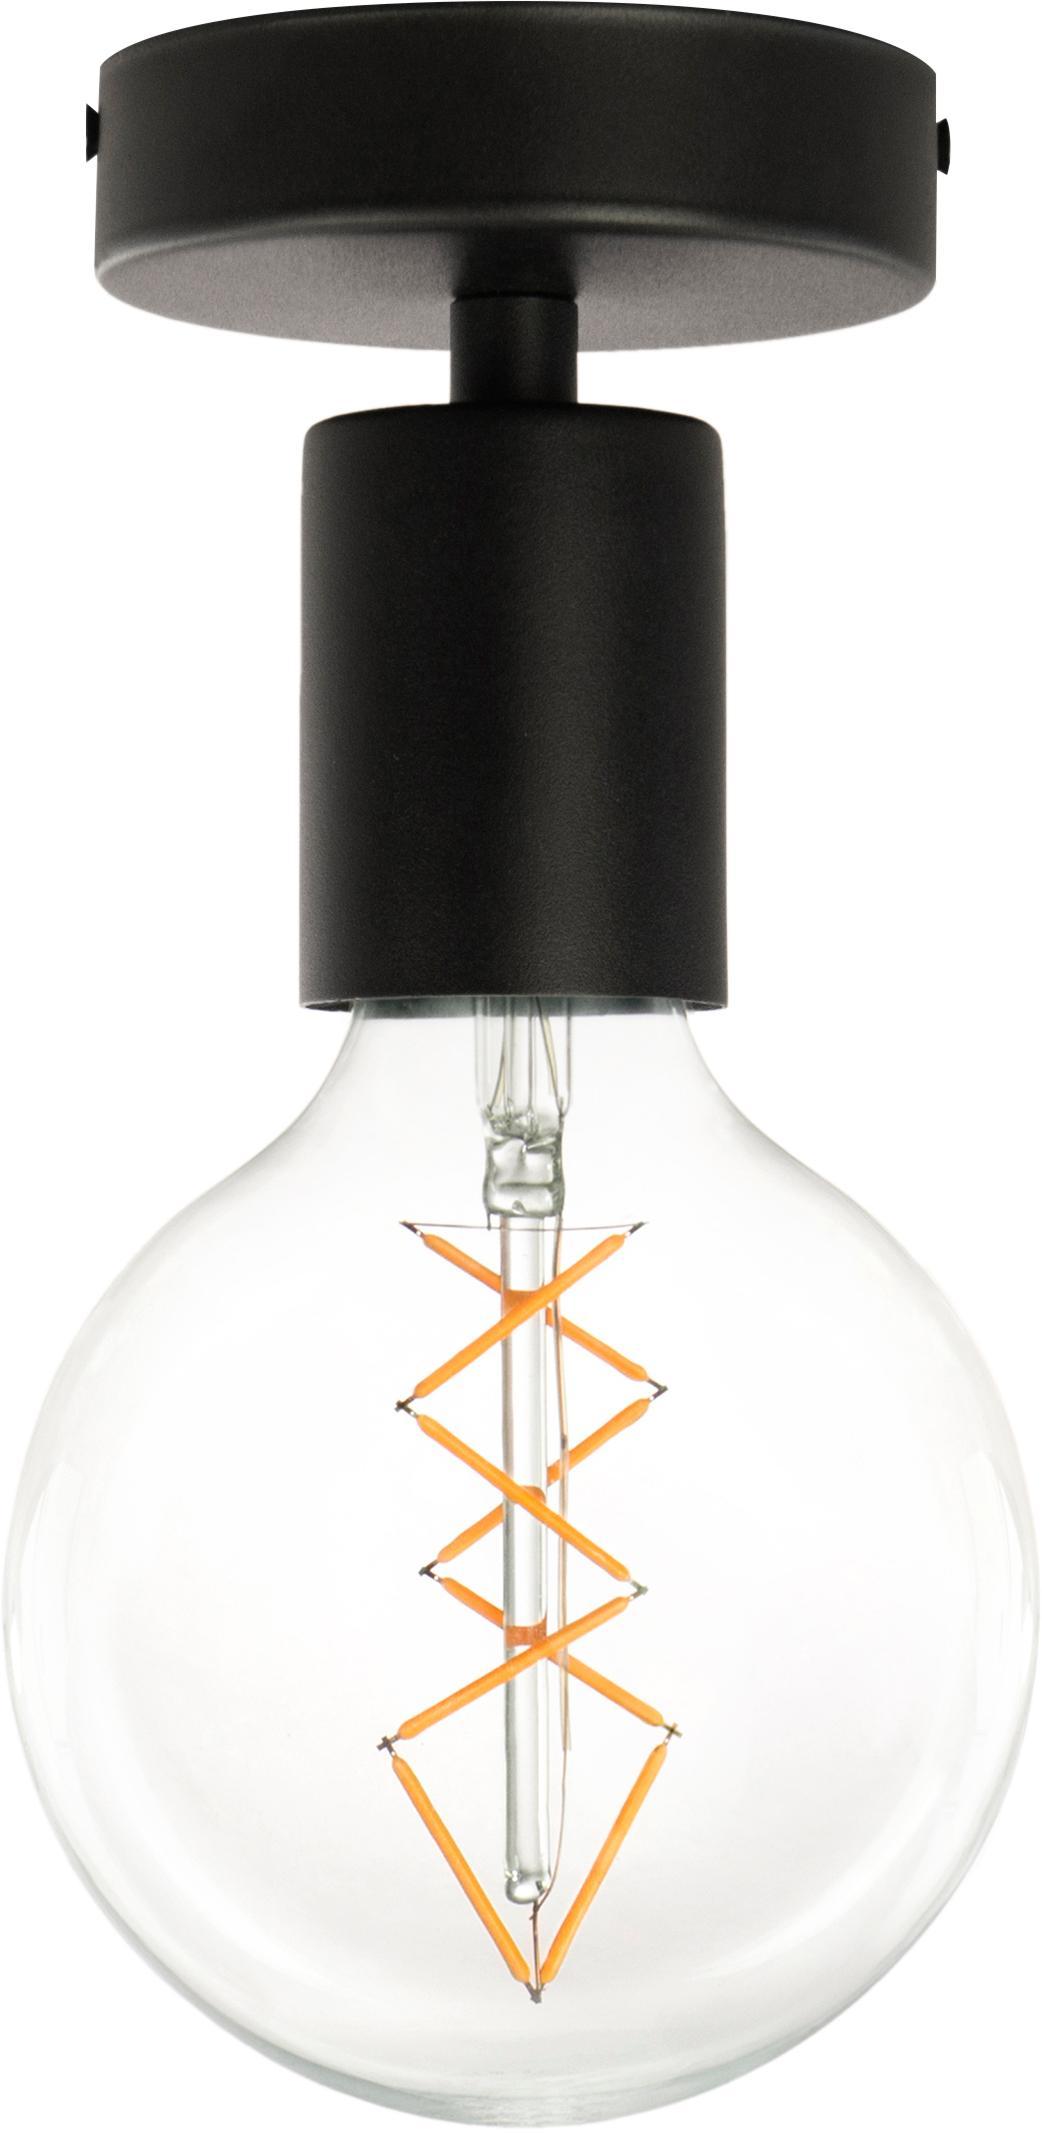 Lampada da soffitto Cero, Nero, Ø 10 x Alt. 12 cm